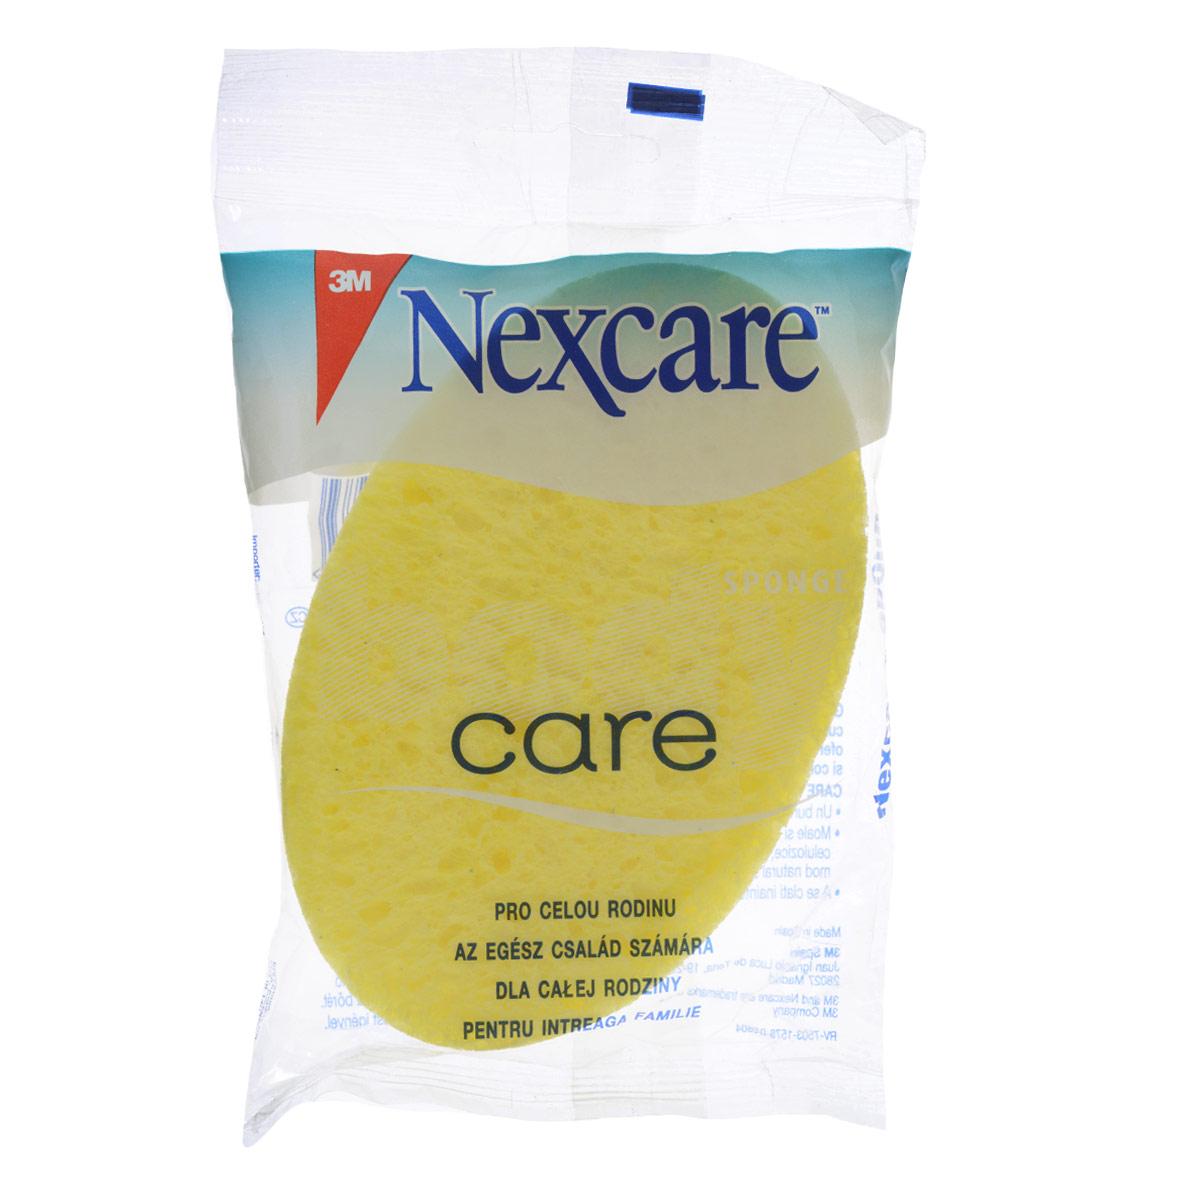 Nexcare Губка массажная для тела, целлюлозная, цвет: желтыйRN-0009-3271-5Губка массажная Nexcare для тела отлично подходит для всех типов кожи. Ухаживает за чувствительными участками кожи, а нежный массажный слой очищает и обновляет кожу. Деликатно удаляет отмершие клетки кожи.Сделана из натурального материала - легко моется и быстро сохнет. Характеристики: Размер губки: 9,5 см х 15 см х 2,5 см. Производитель: Испания. Товар сертифицирован.